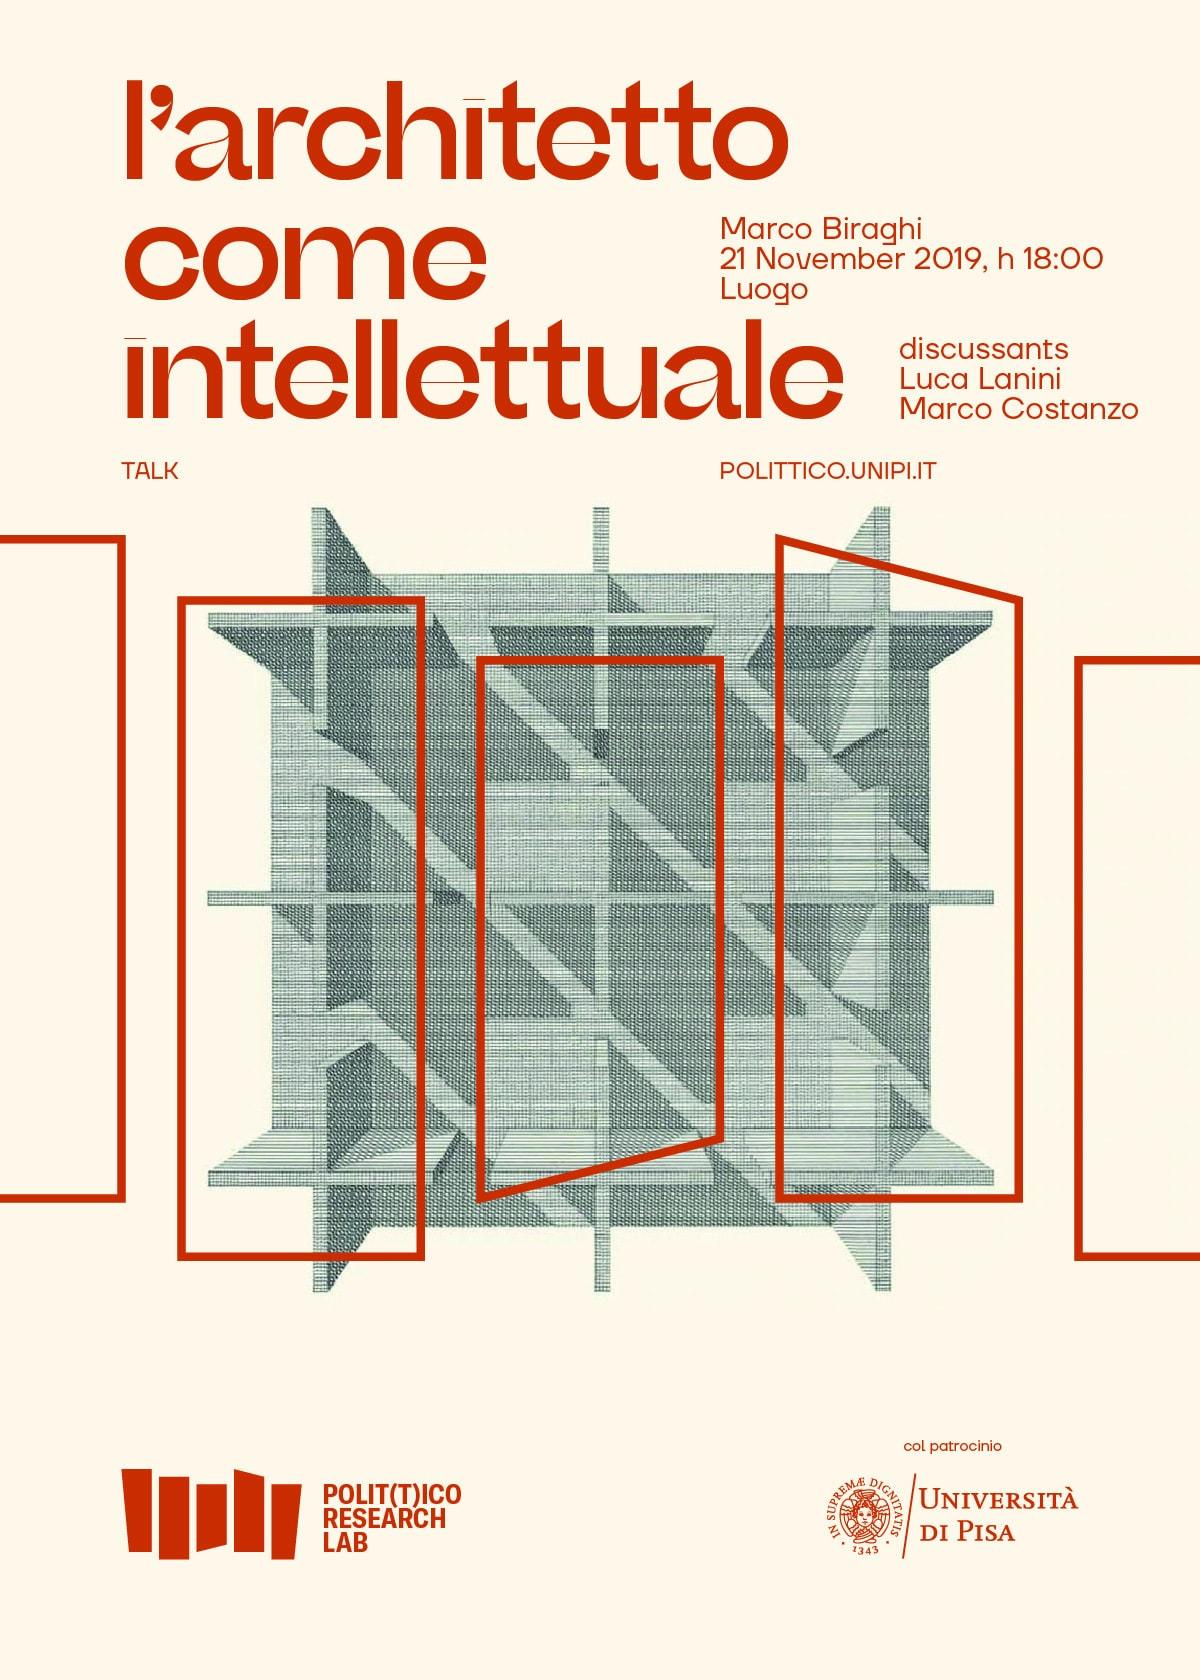 Polittico Research Lab poster / Marco Biraghi